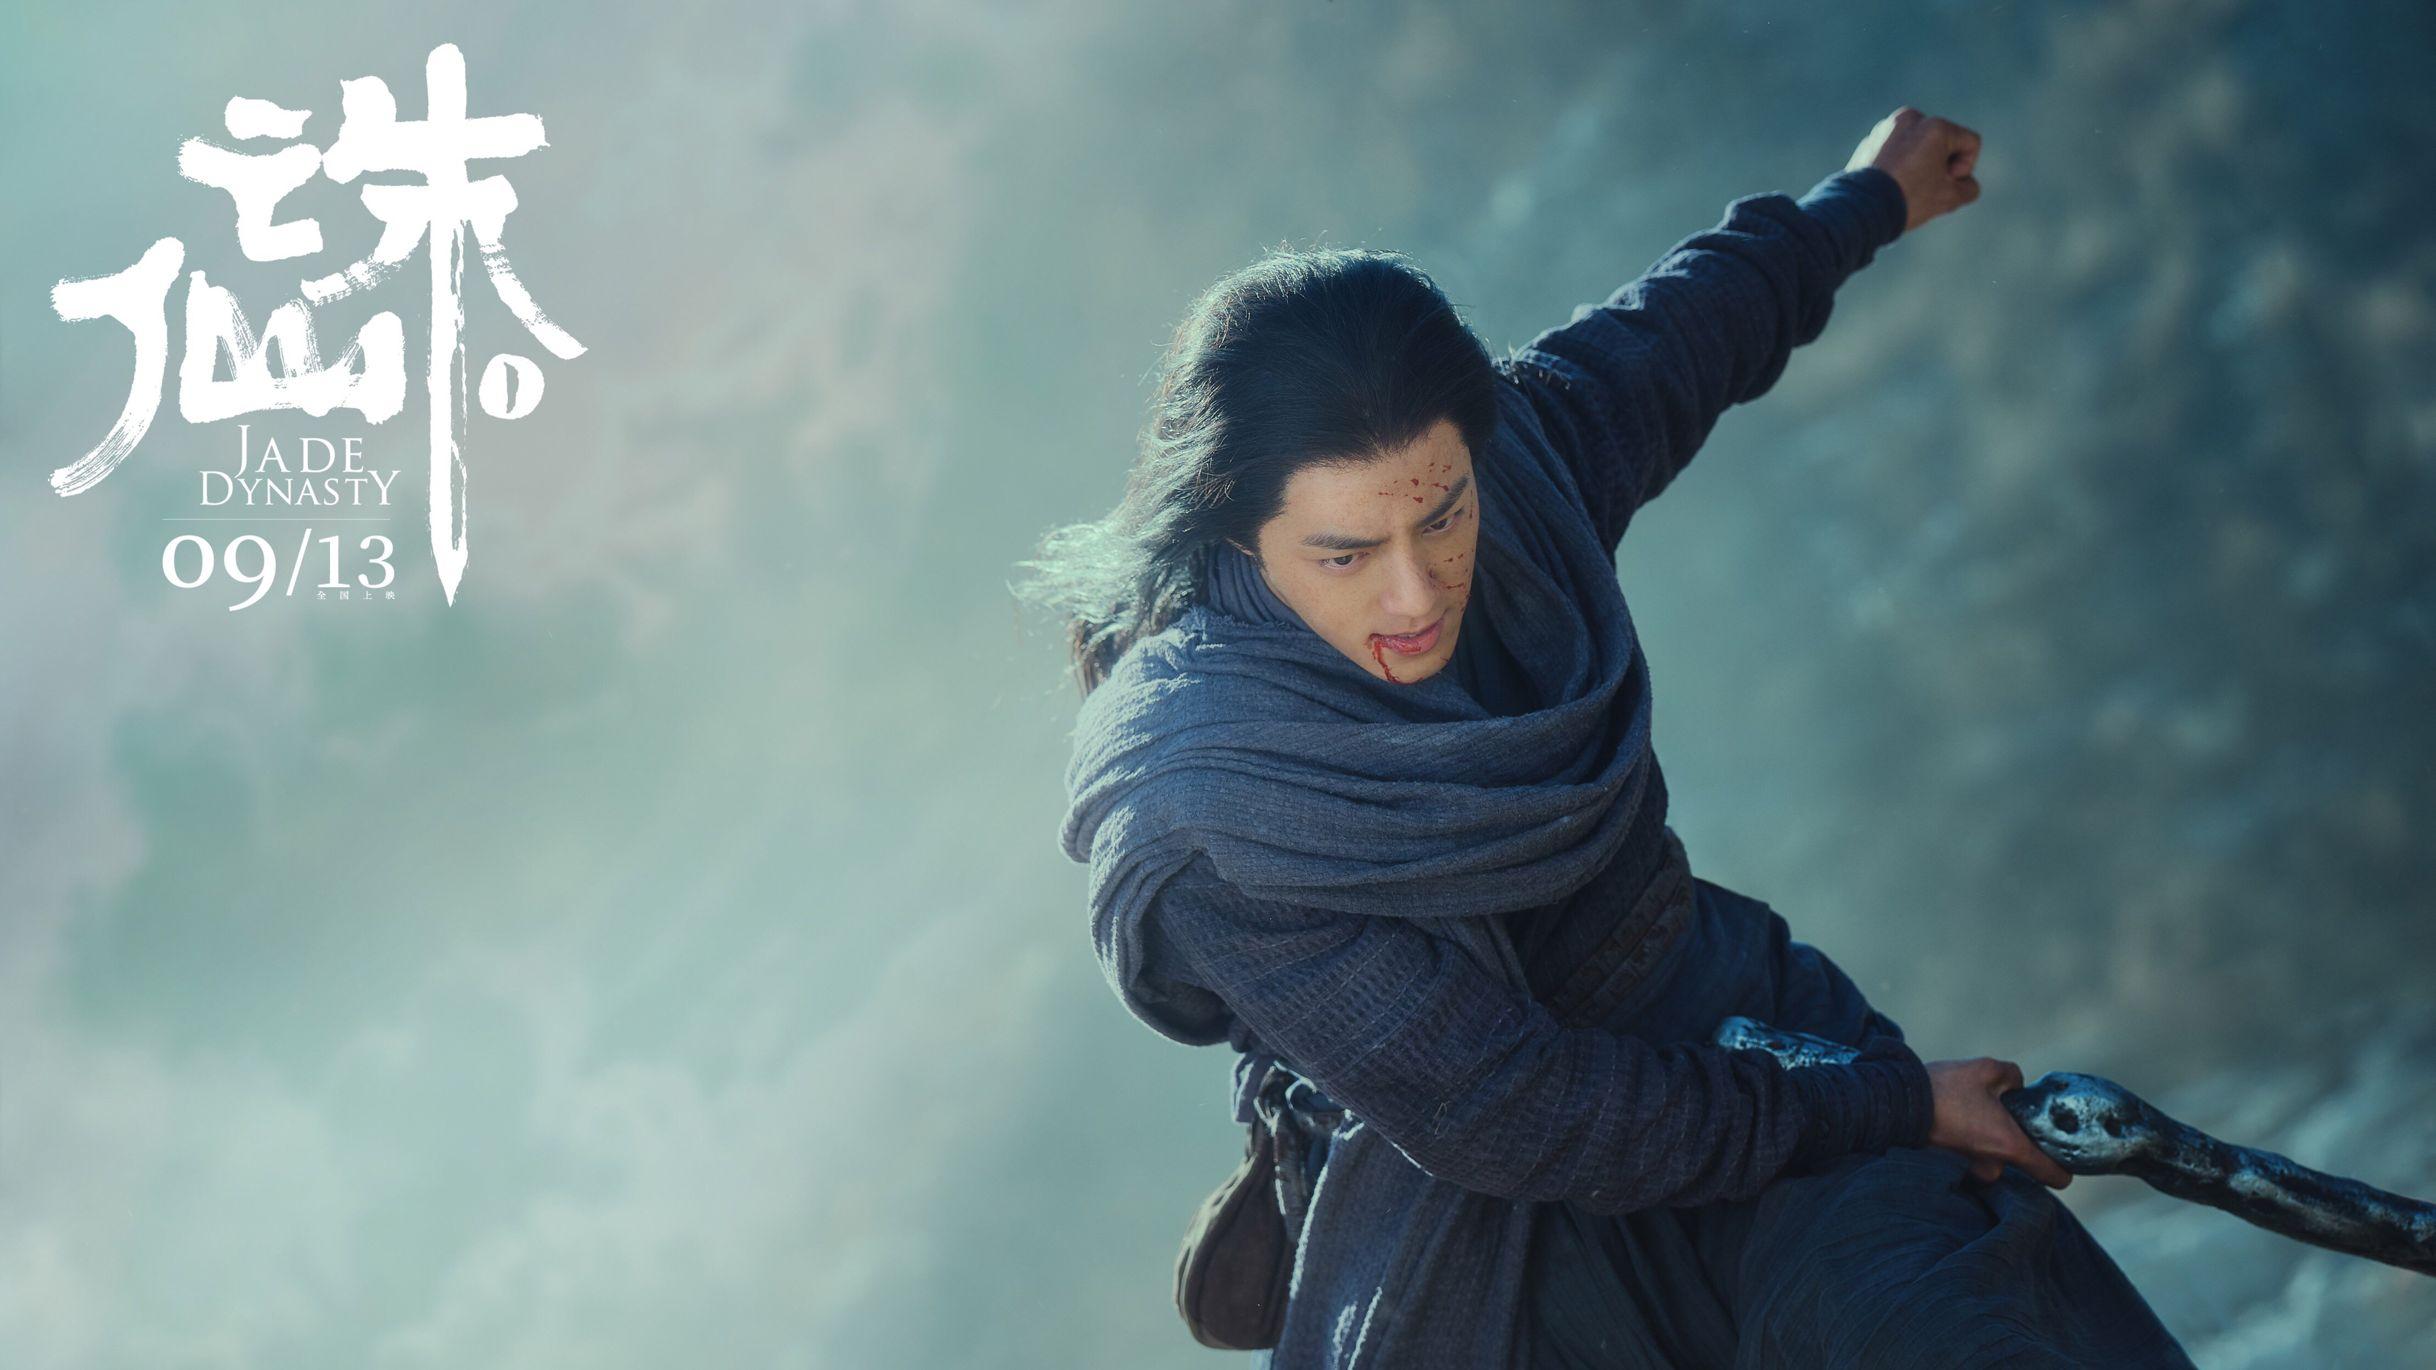 《诛仙Ⅰ》让人收获意外之喜,自带电影感的肖战未来可期